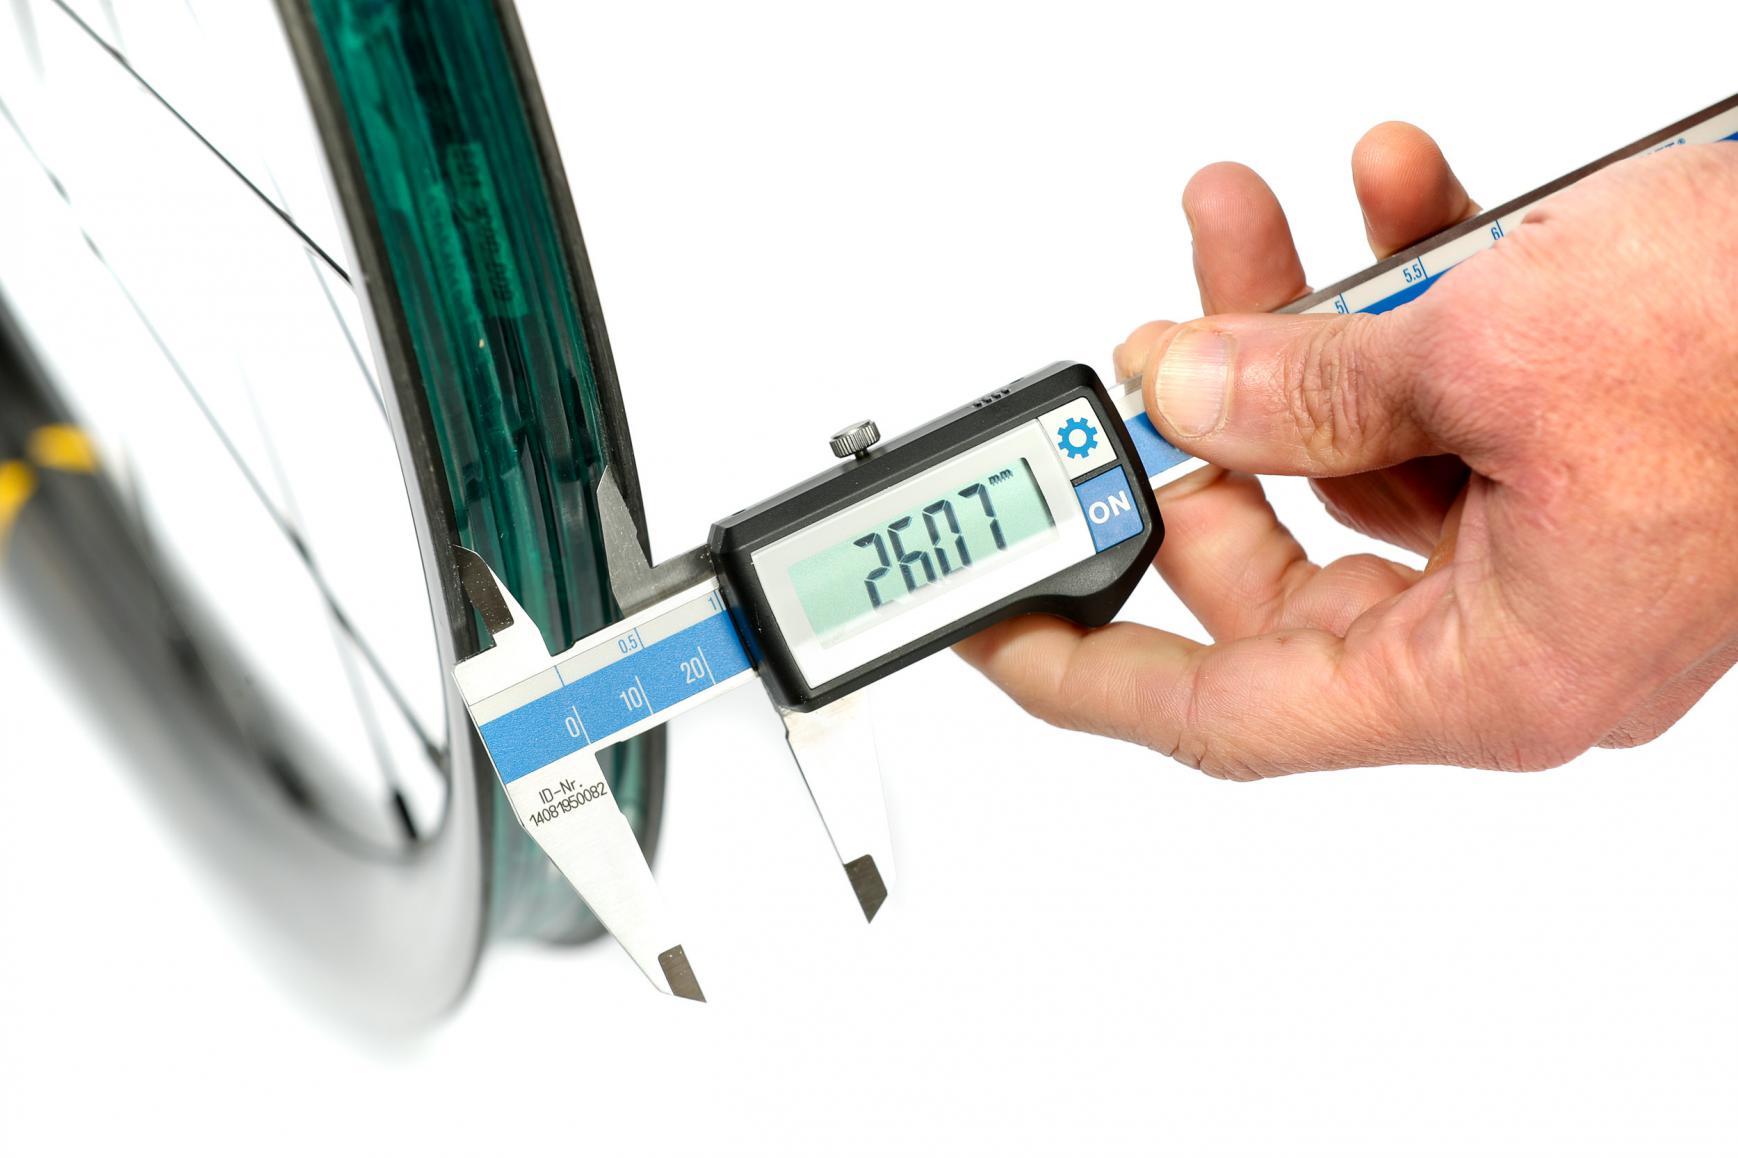 Beim Reifen die Kompatibilität mit der Innenbreite der Felge prüfen. Bei 26 mm innen empfehlen wir 44 bis 60 mm breite Reifen.